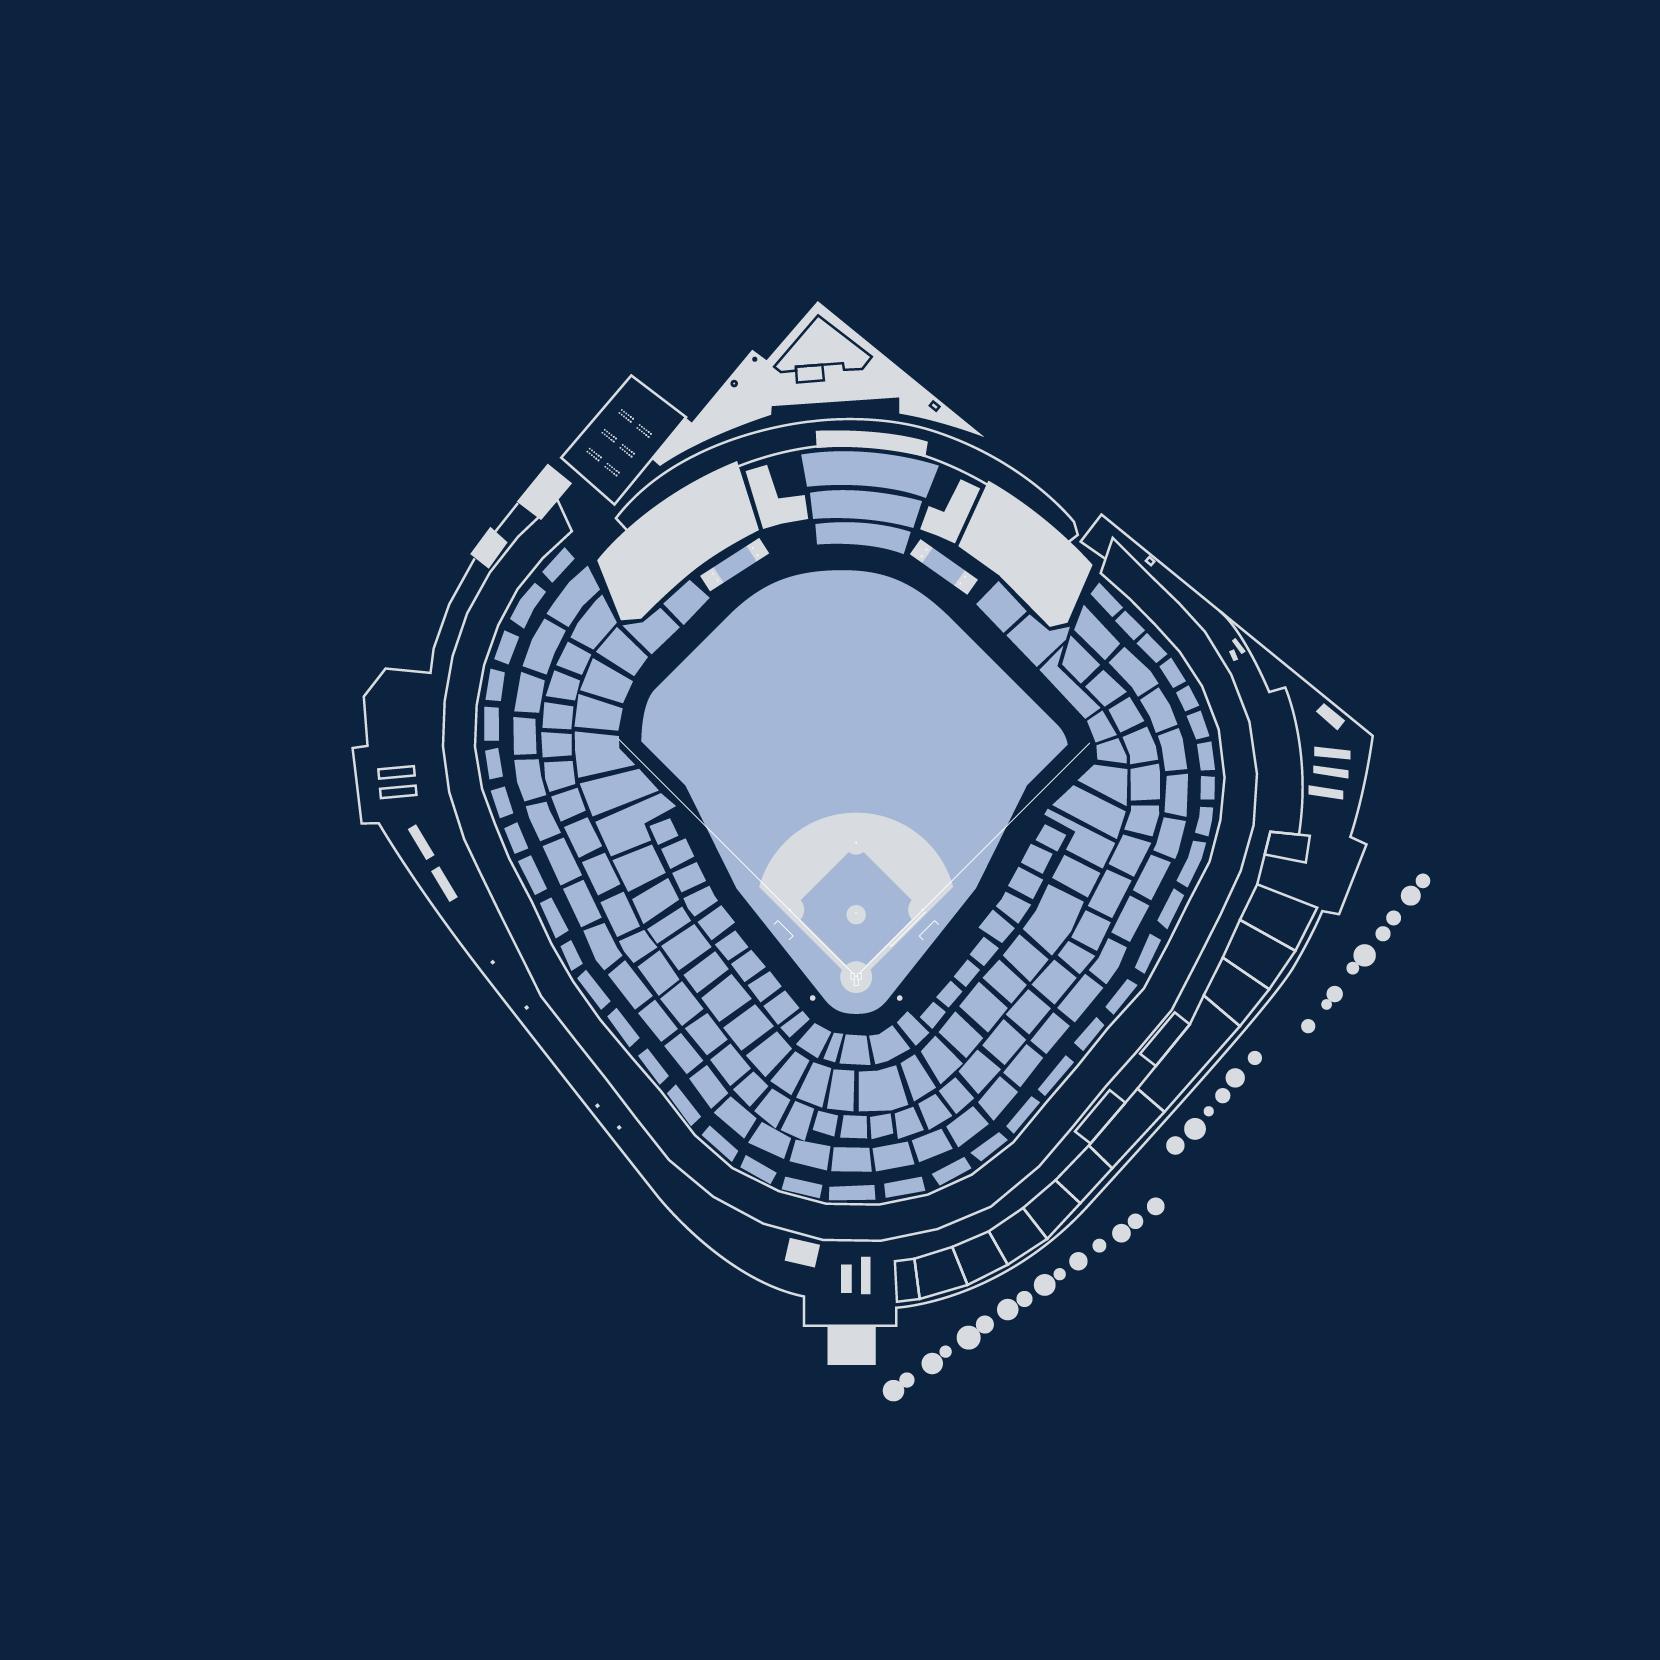 3 Yankee Stadium New York Yankees.png